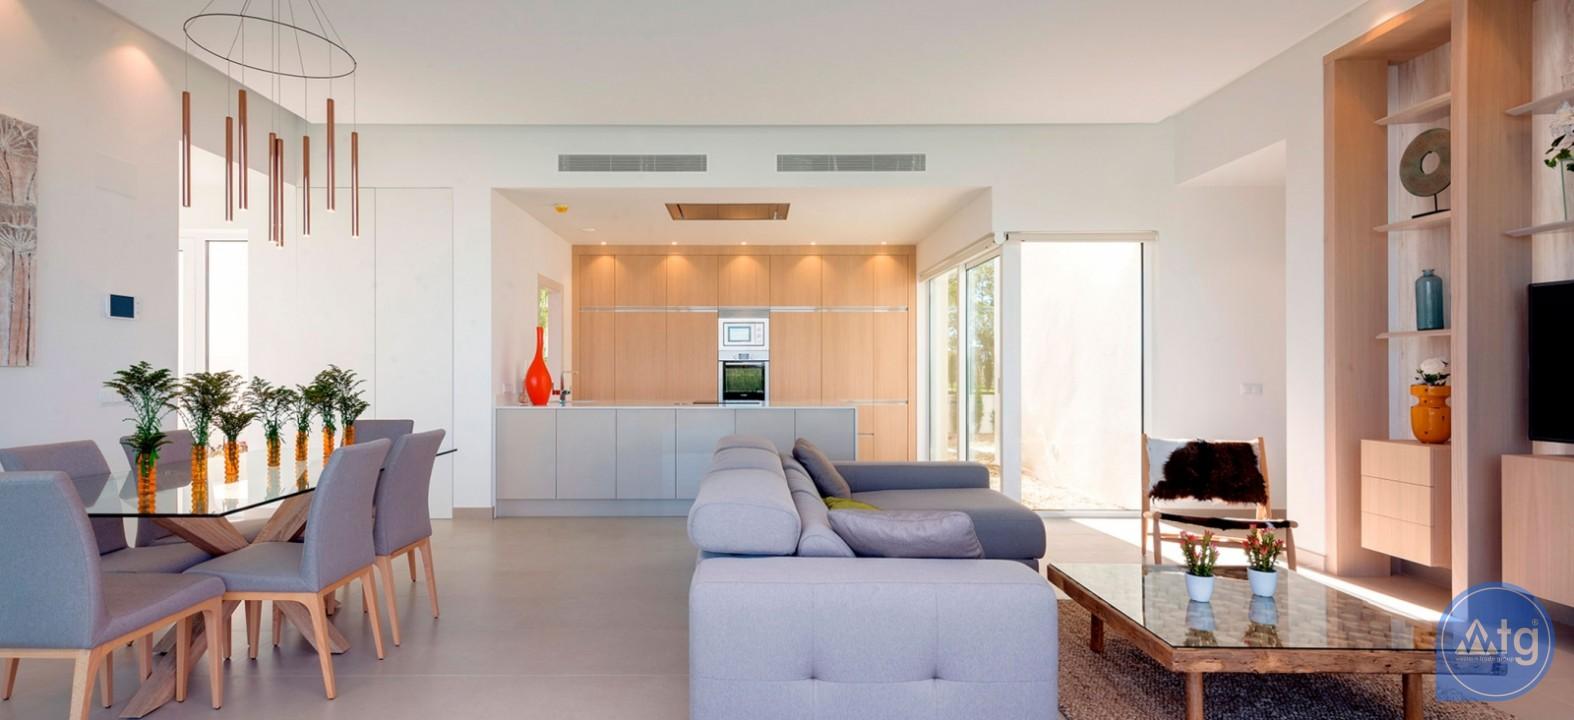 1 bedroom Apartment in Pilar de la Horadada  - SR2615 - 5